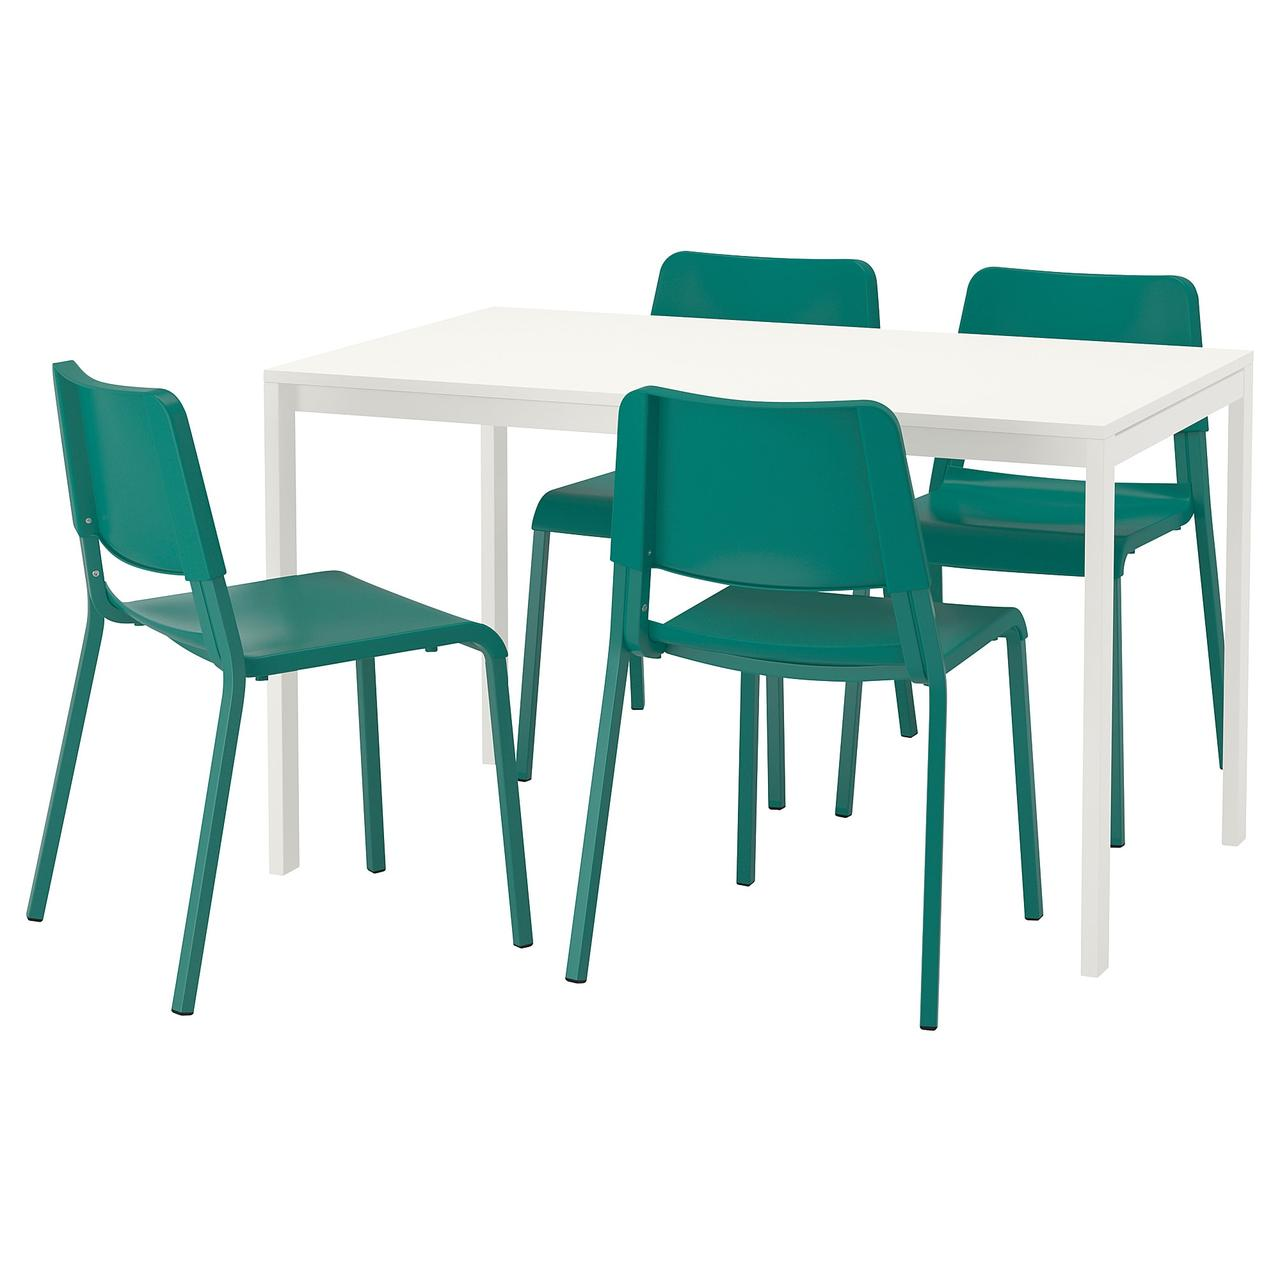 Комплект для кухни (стол и 4 стула) IKEA MELLTORP / TEODORES 125 см белый зеленый 592.521.66